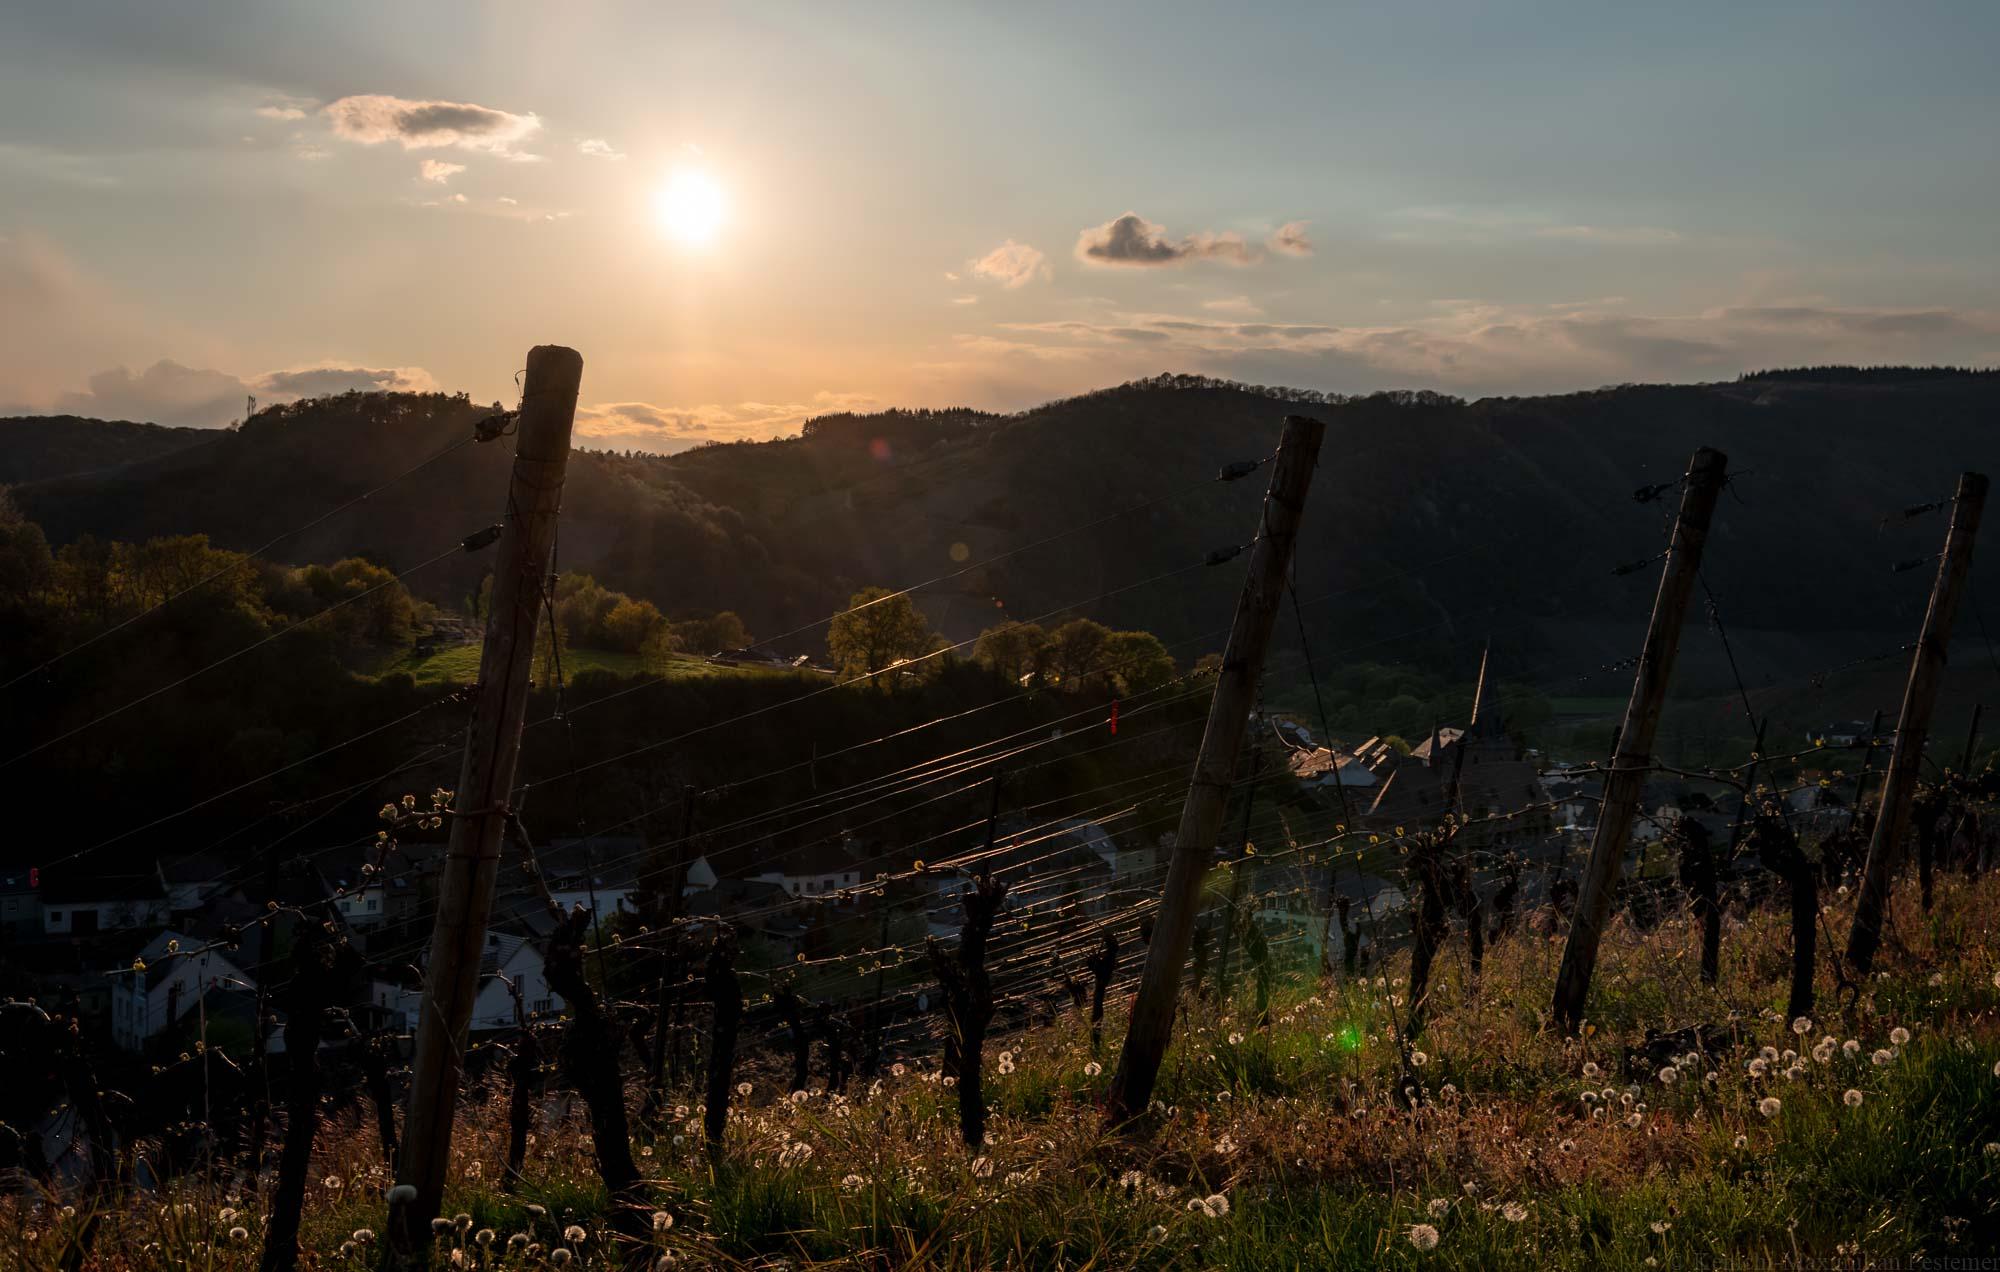 Sonnenuntergang im Weinberg Dhroner Hofberger mit Ort Neumagen-Dhron und bewaldeten Hügel sowie Weinbergen im Hintergrund